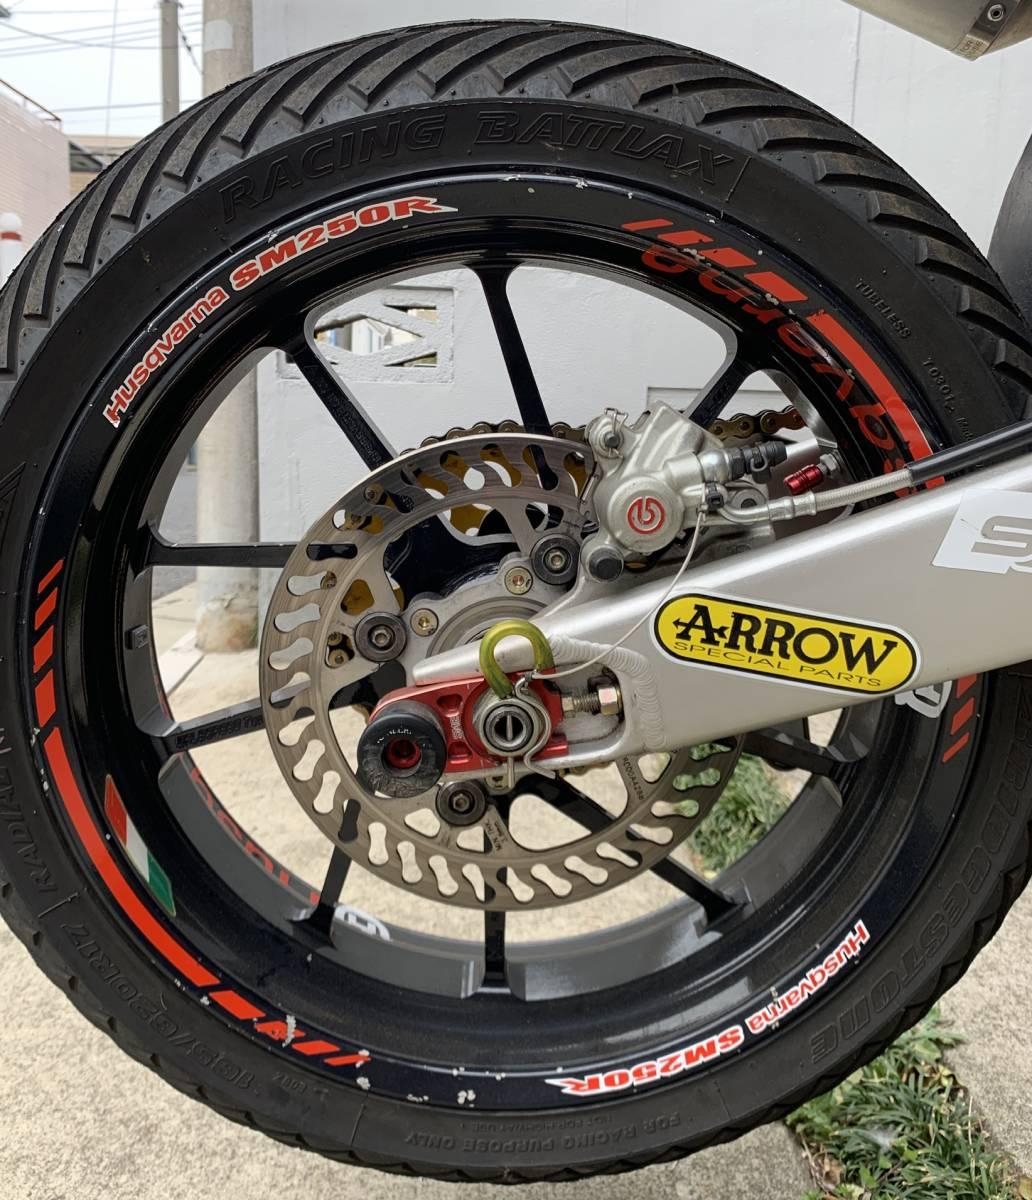 2009年式 インジェクション ハスクバーナSM250R ATHENA300cc 250cc登録 改造多数 予備部品多数_画像7